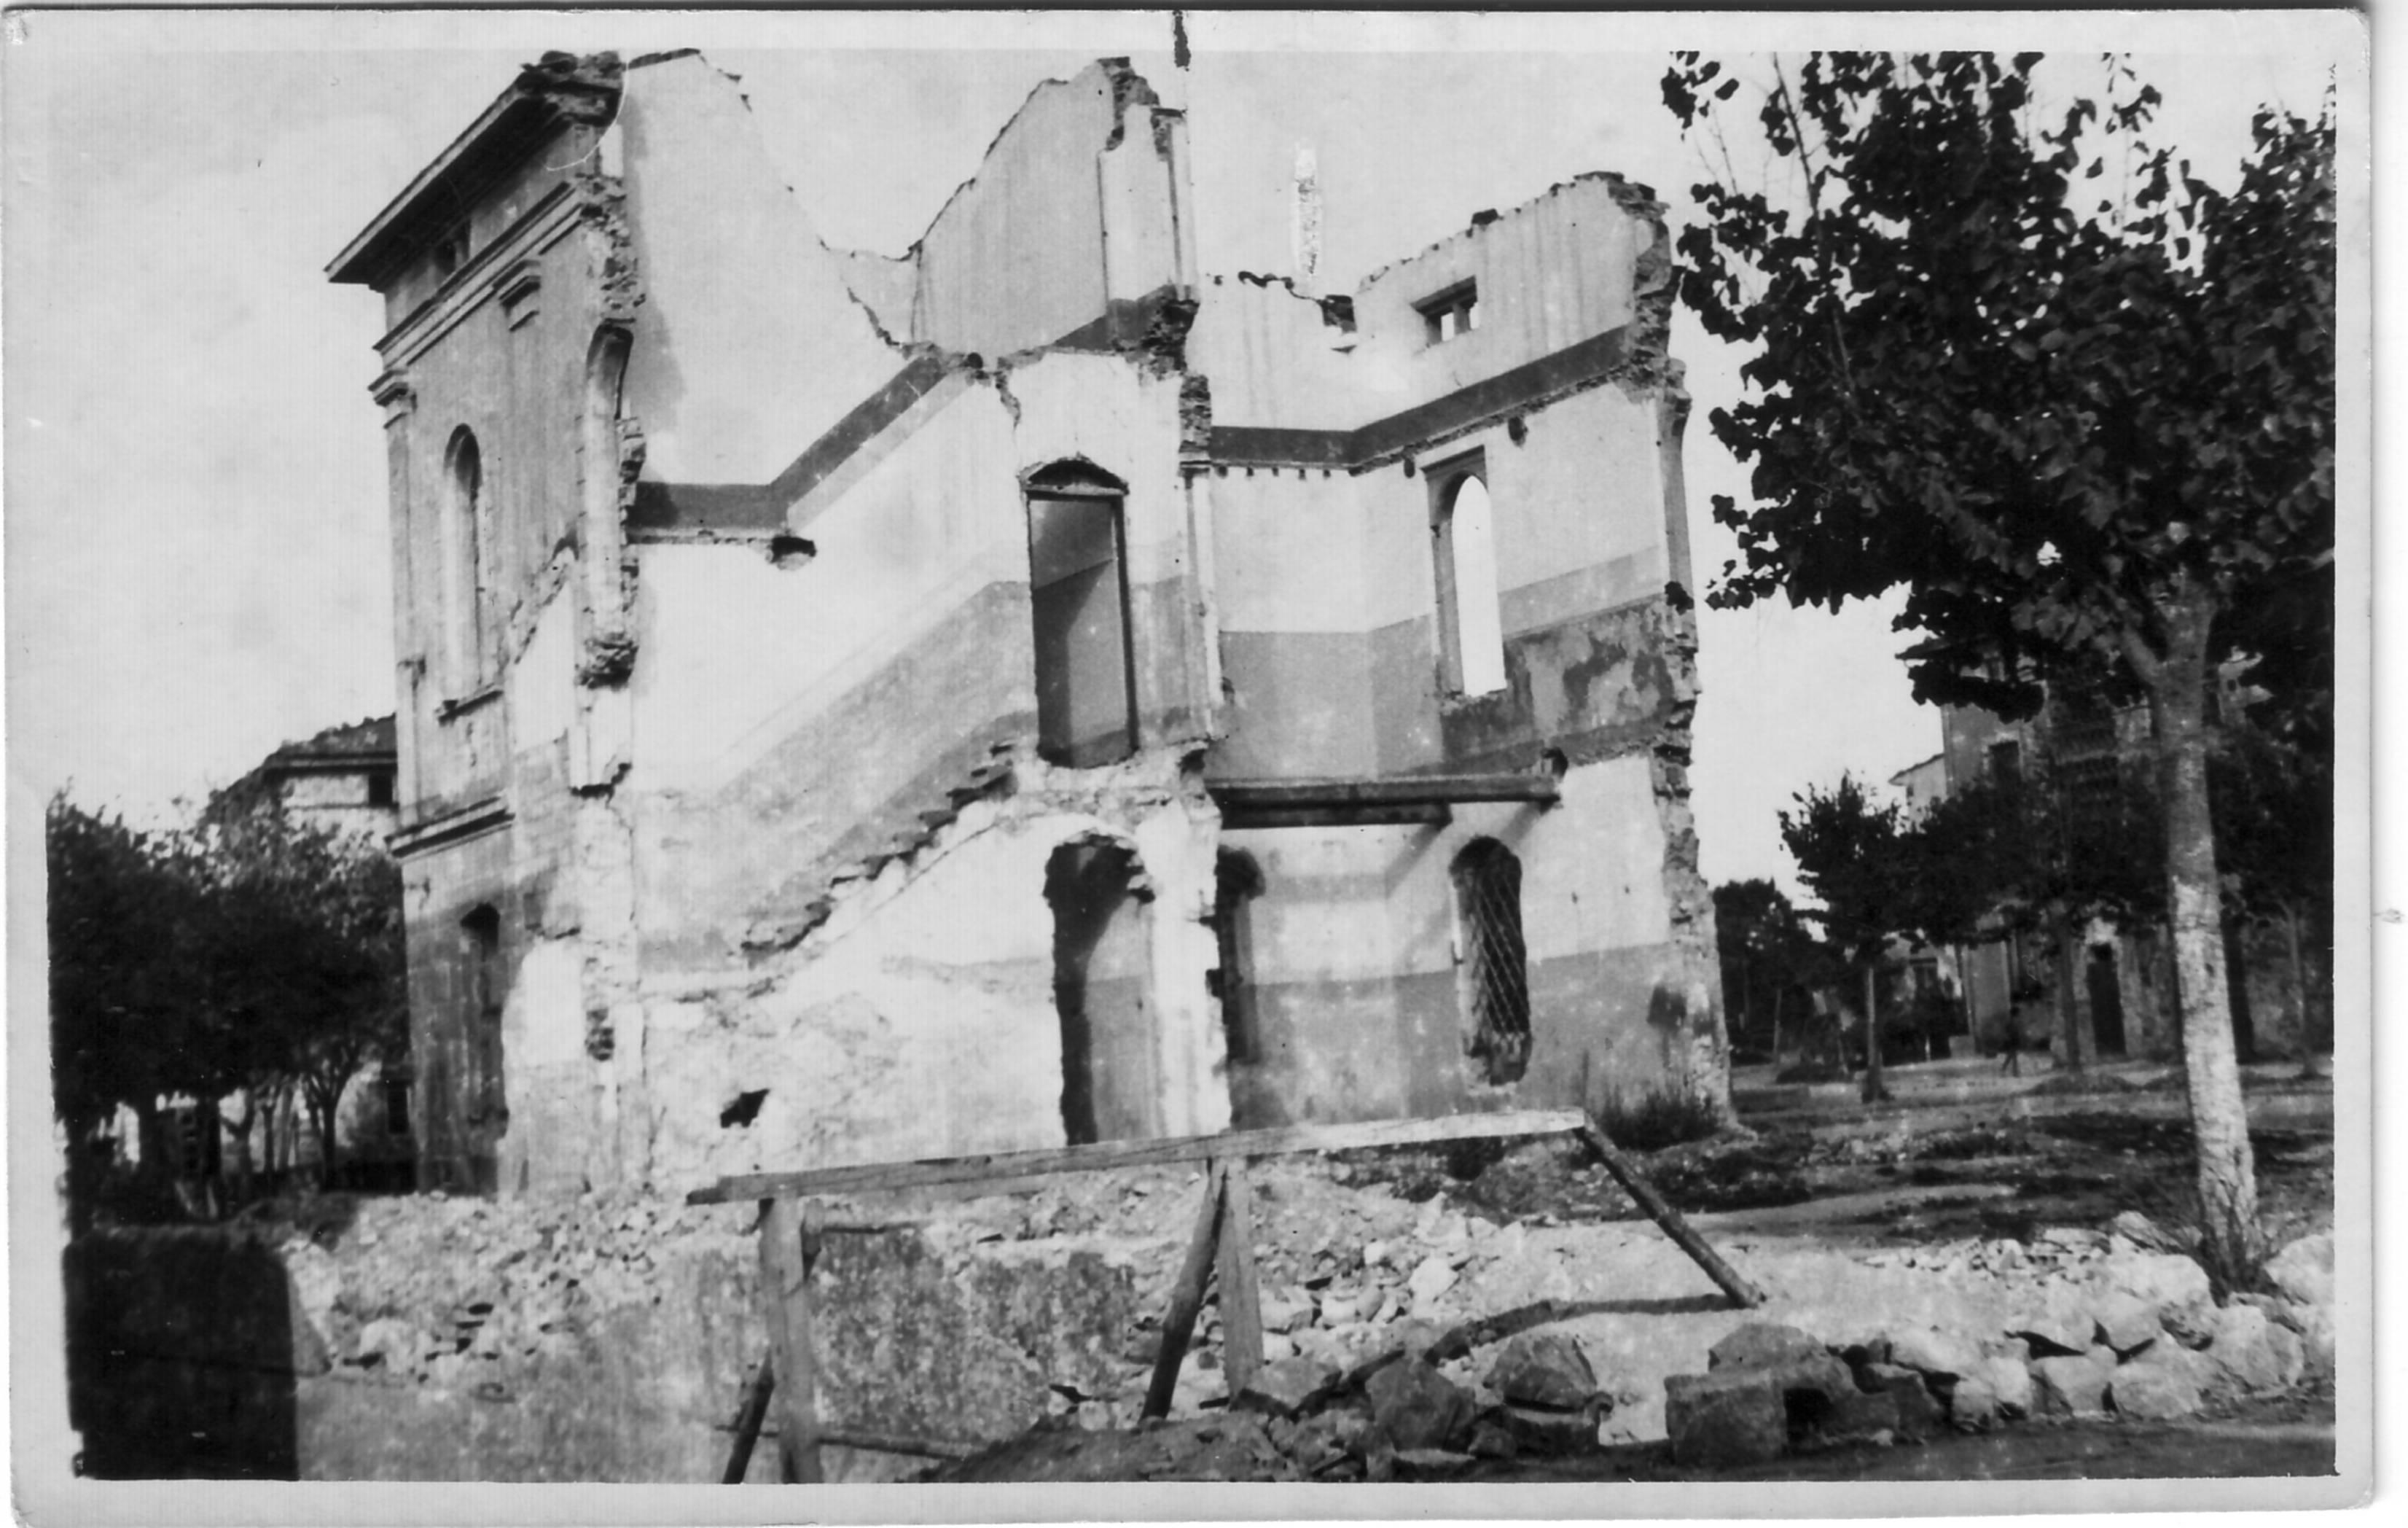 """Le scuole elementari di Nozzano Castello dopo la loro distruzione ad opera dei soldati della VI Panzergrenadier Division """"Reichsführer-SS"""" (Agosto 1944)"""